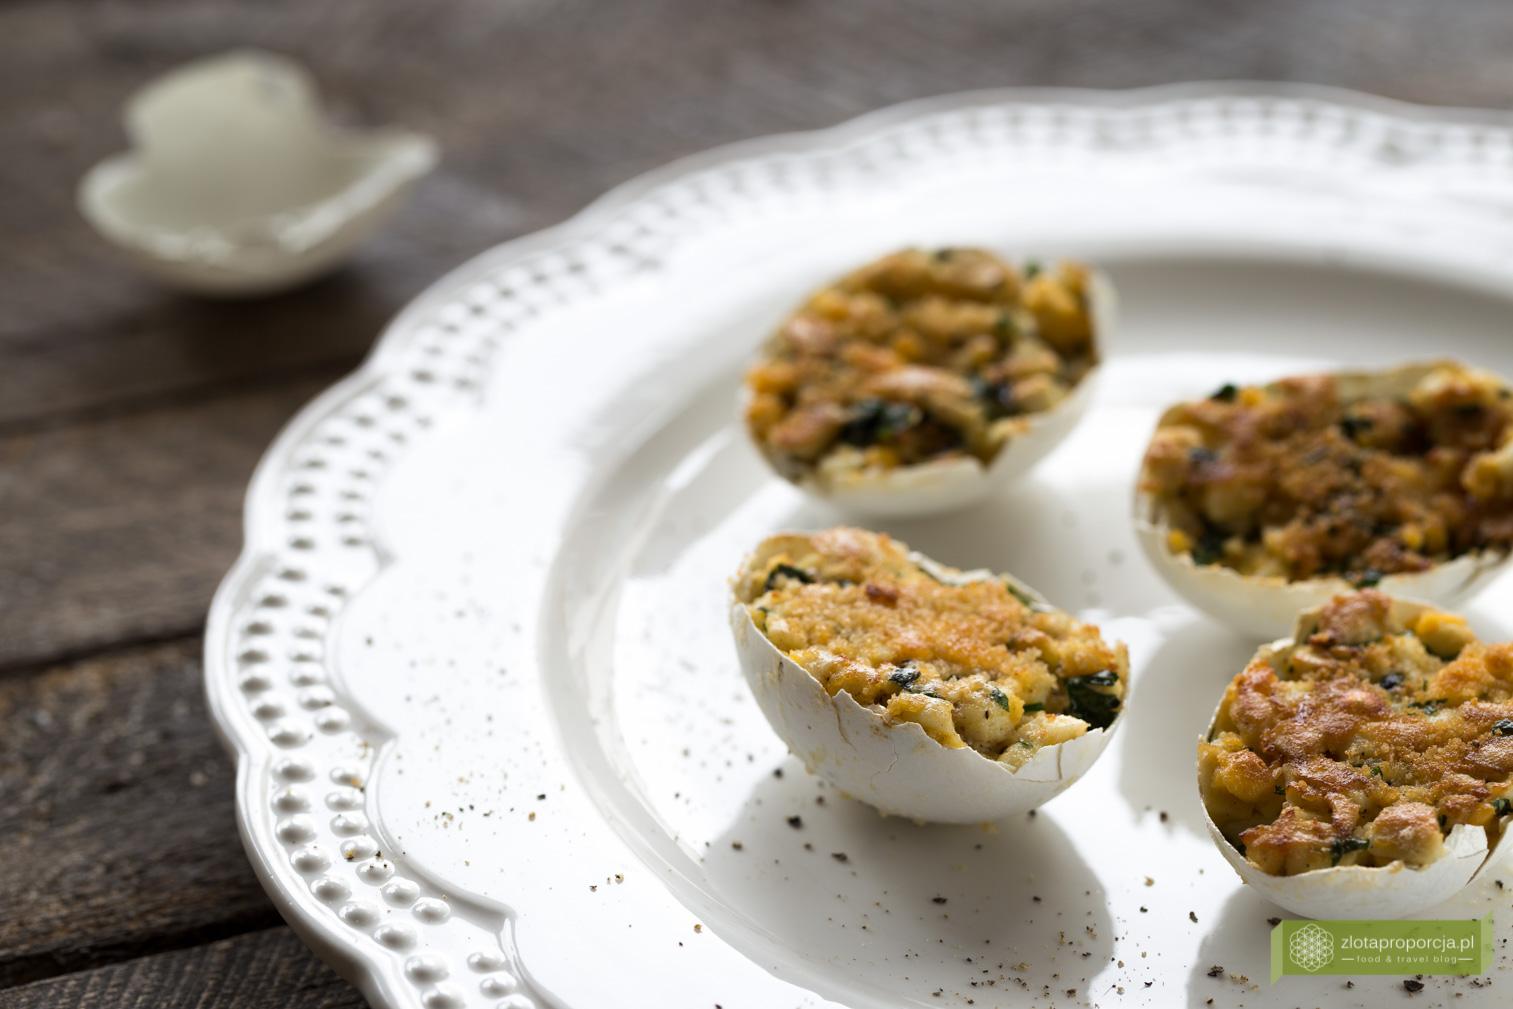 Jajka faszerowane w skorupkach, jajka faszerowane, przepisy świąteczne, jajka faszerowane na wielkanoc